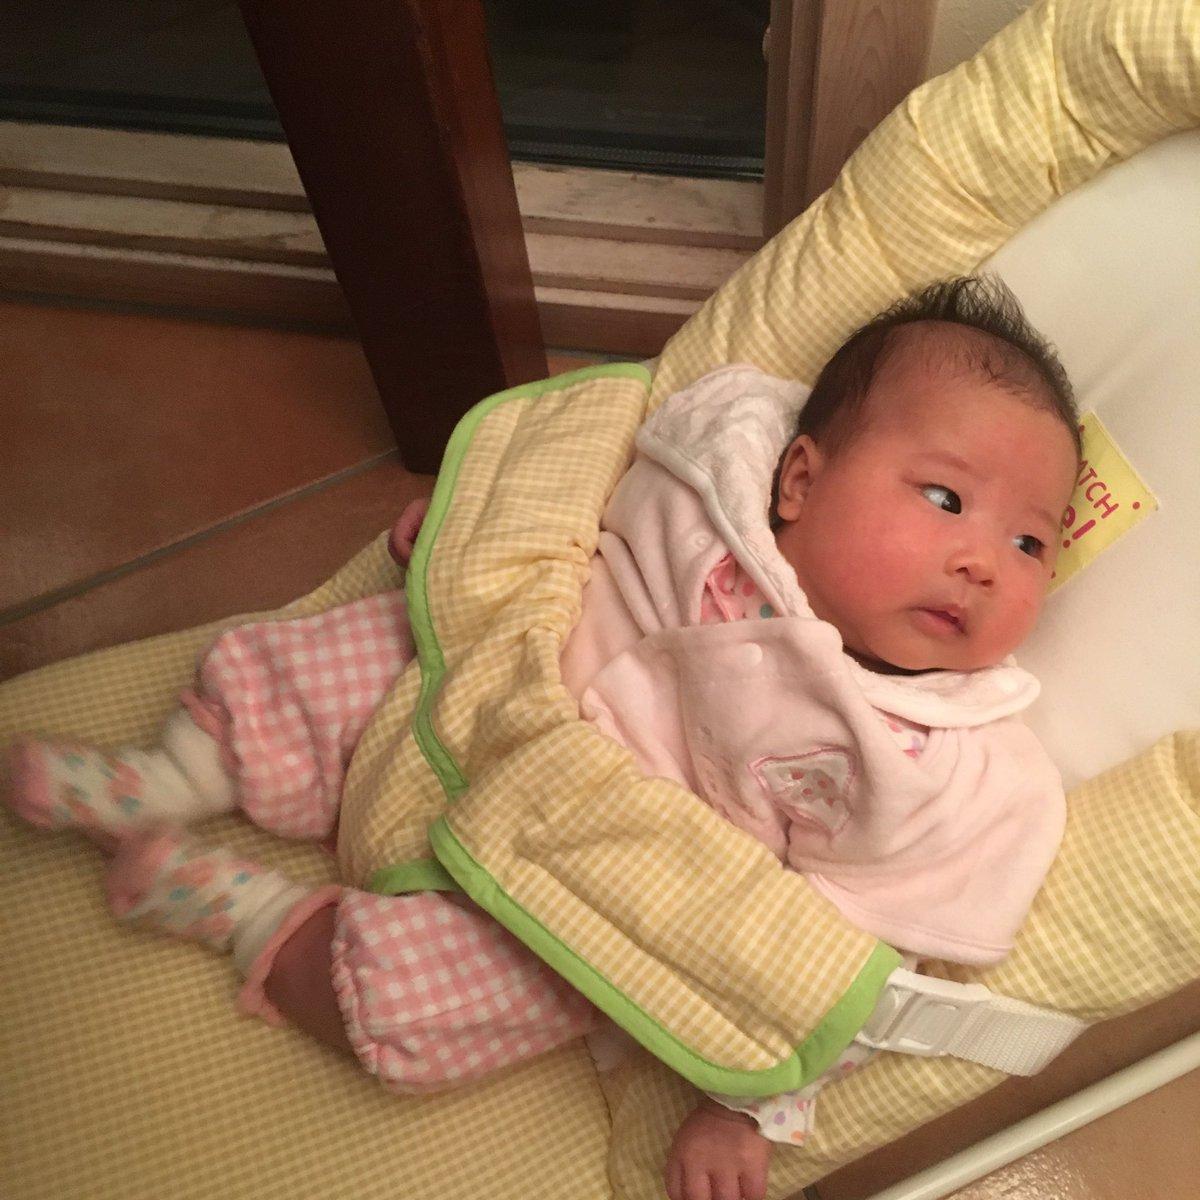 朝から晩まで赤ちゃんと2人きりで、仕事の電話を受けながら1日過ごしてると本当にクッタクタになる。自分…